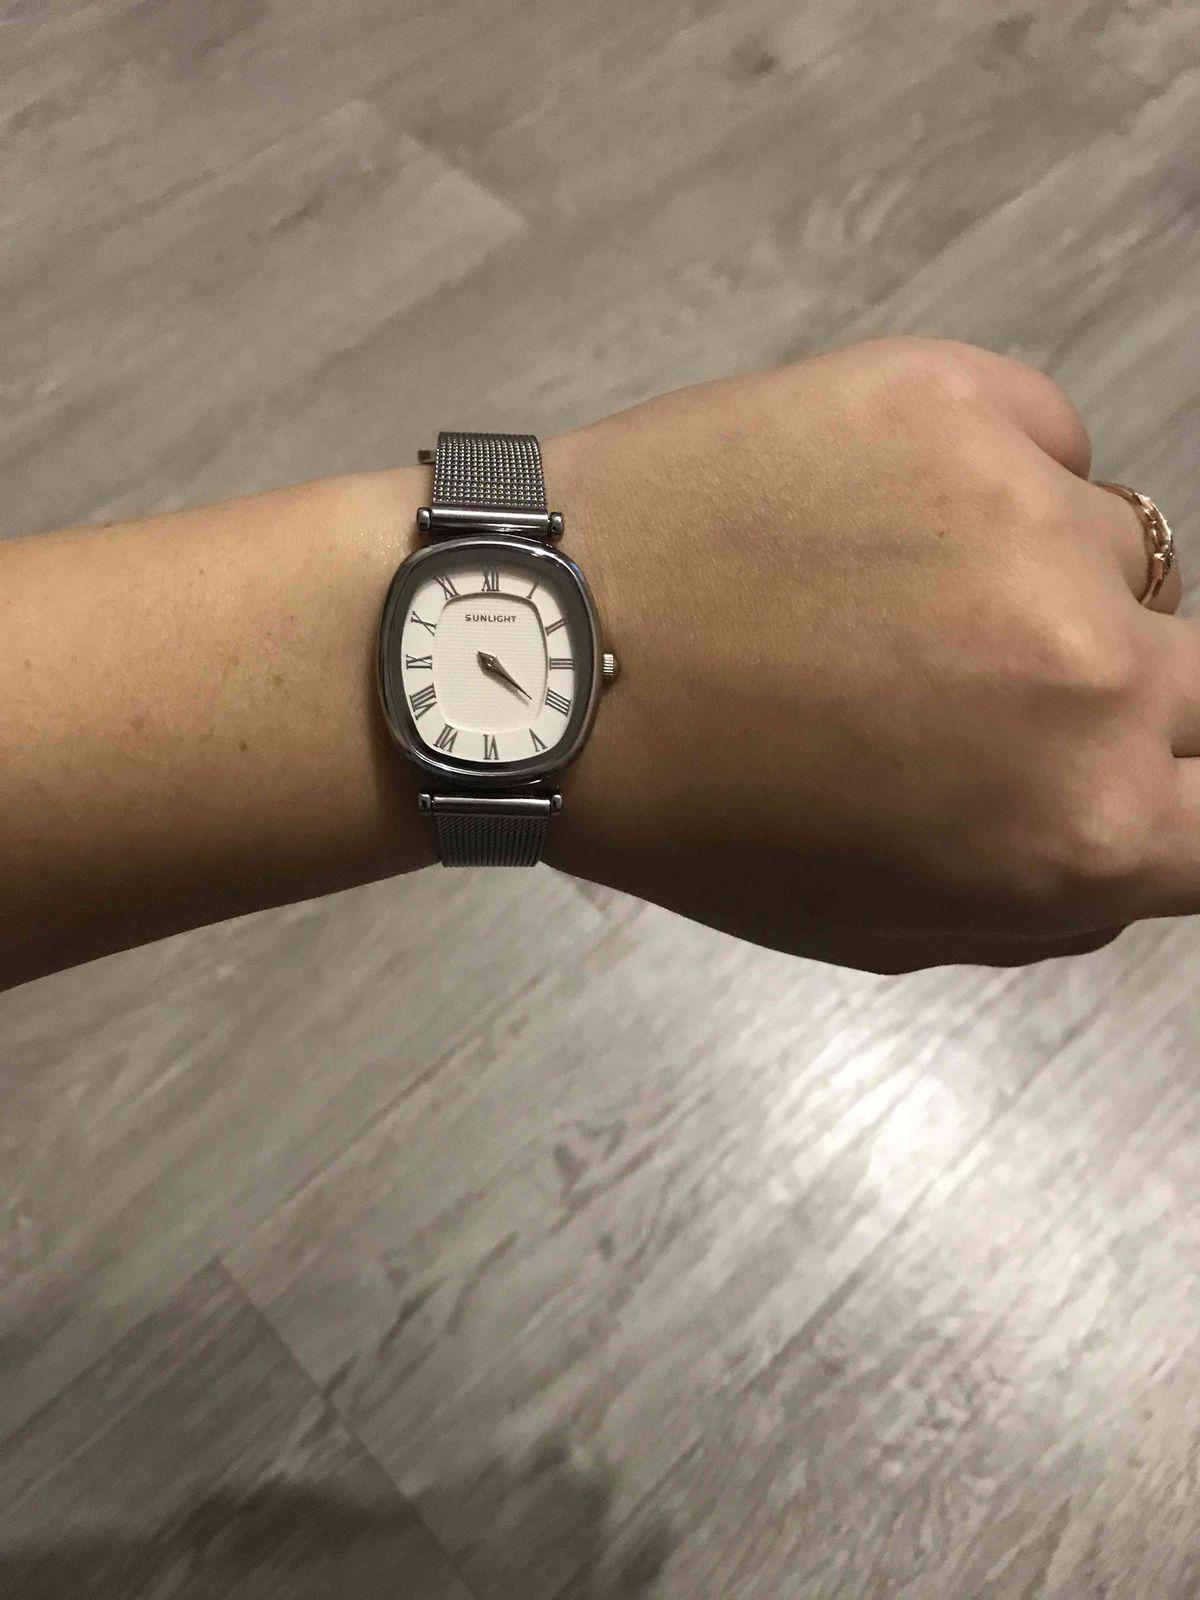 Я влюблена в эти часы.⌛️